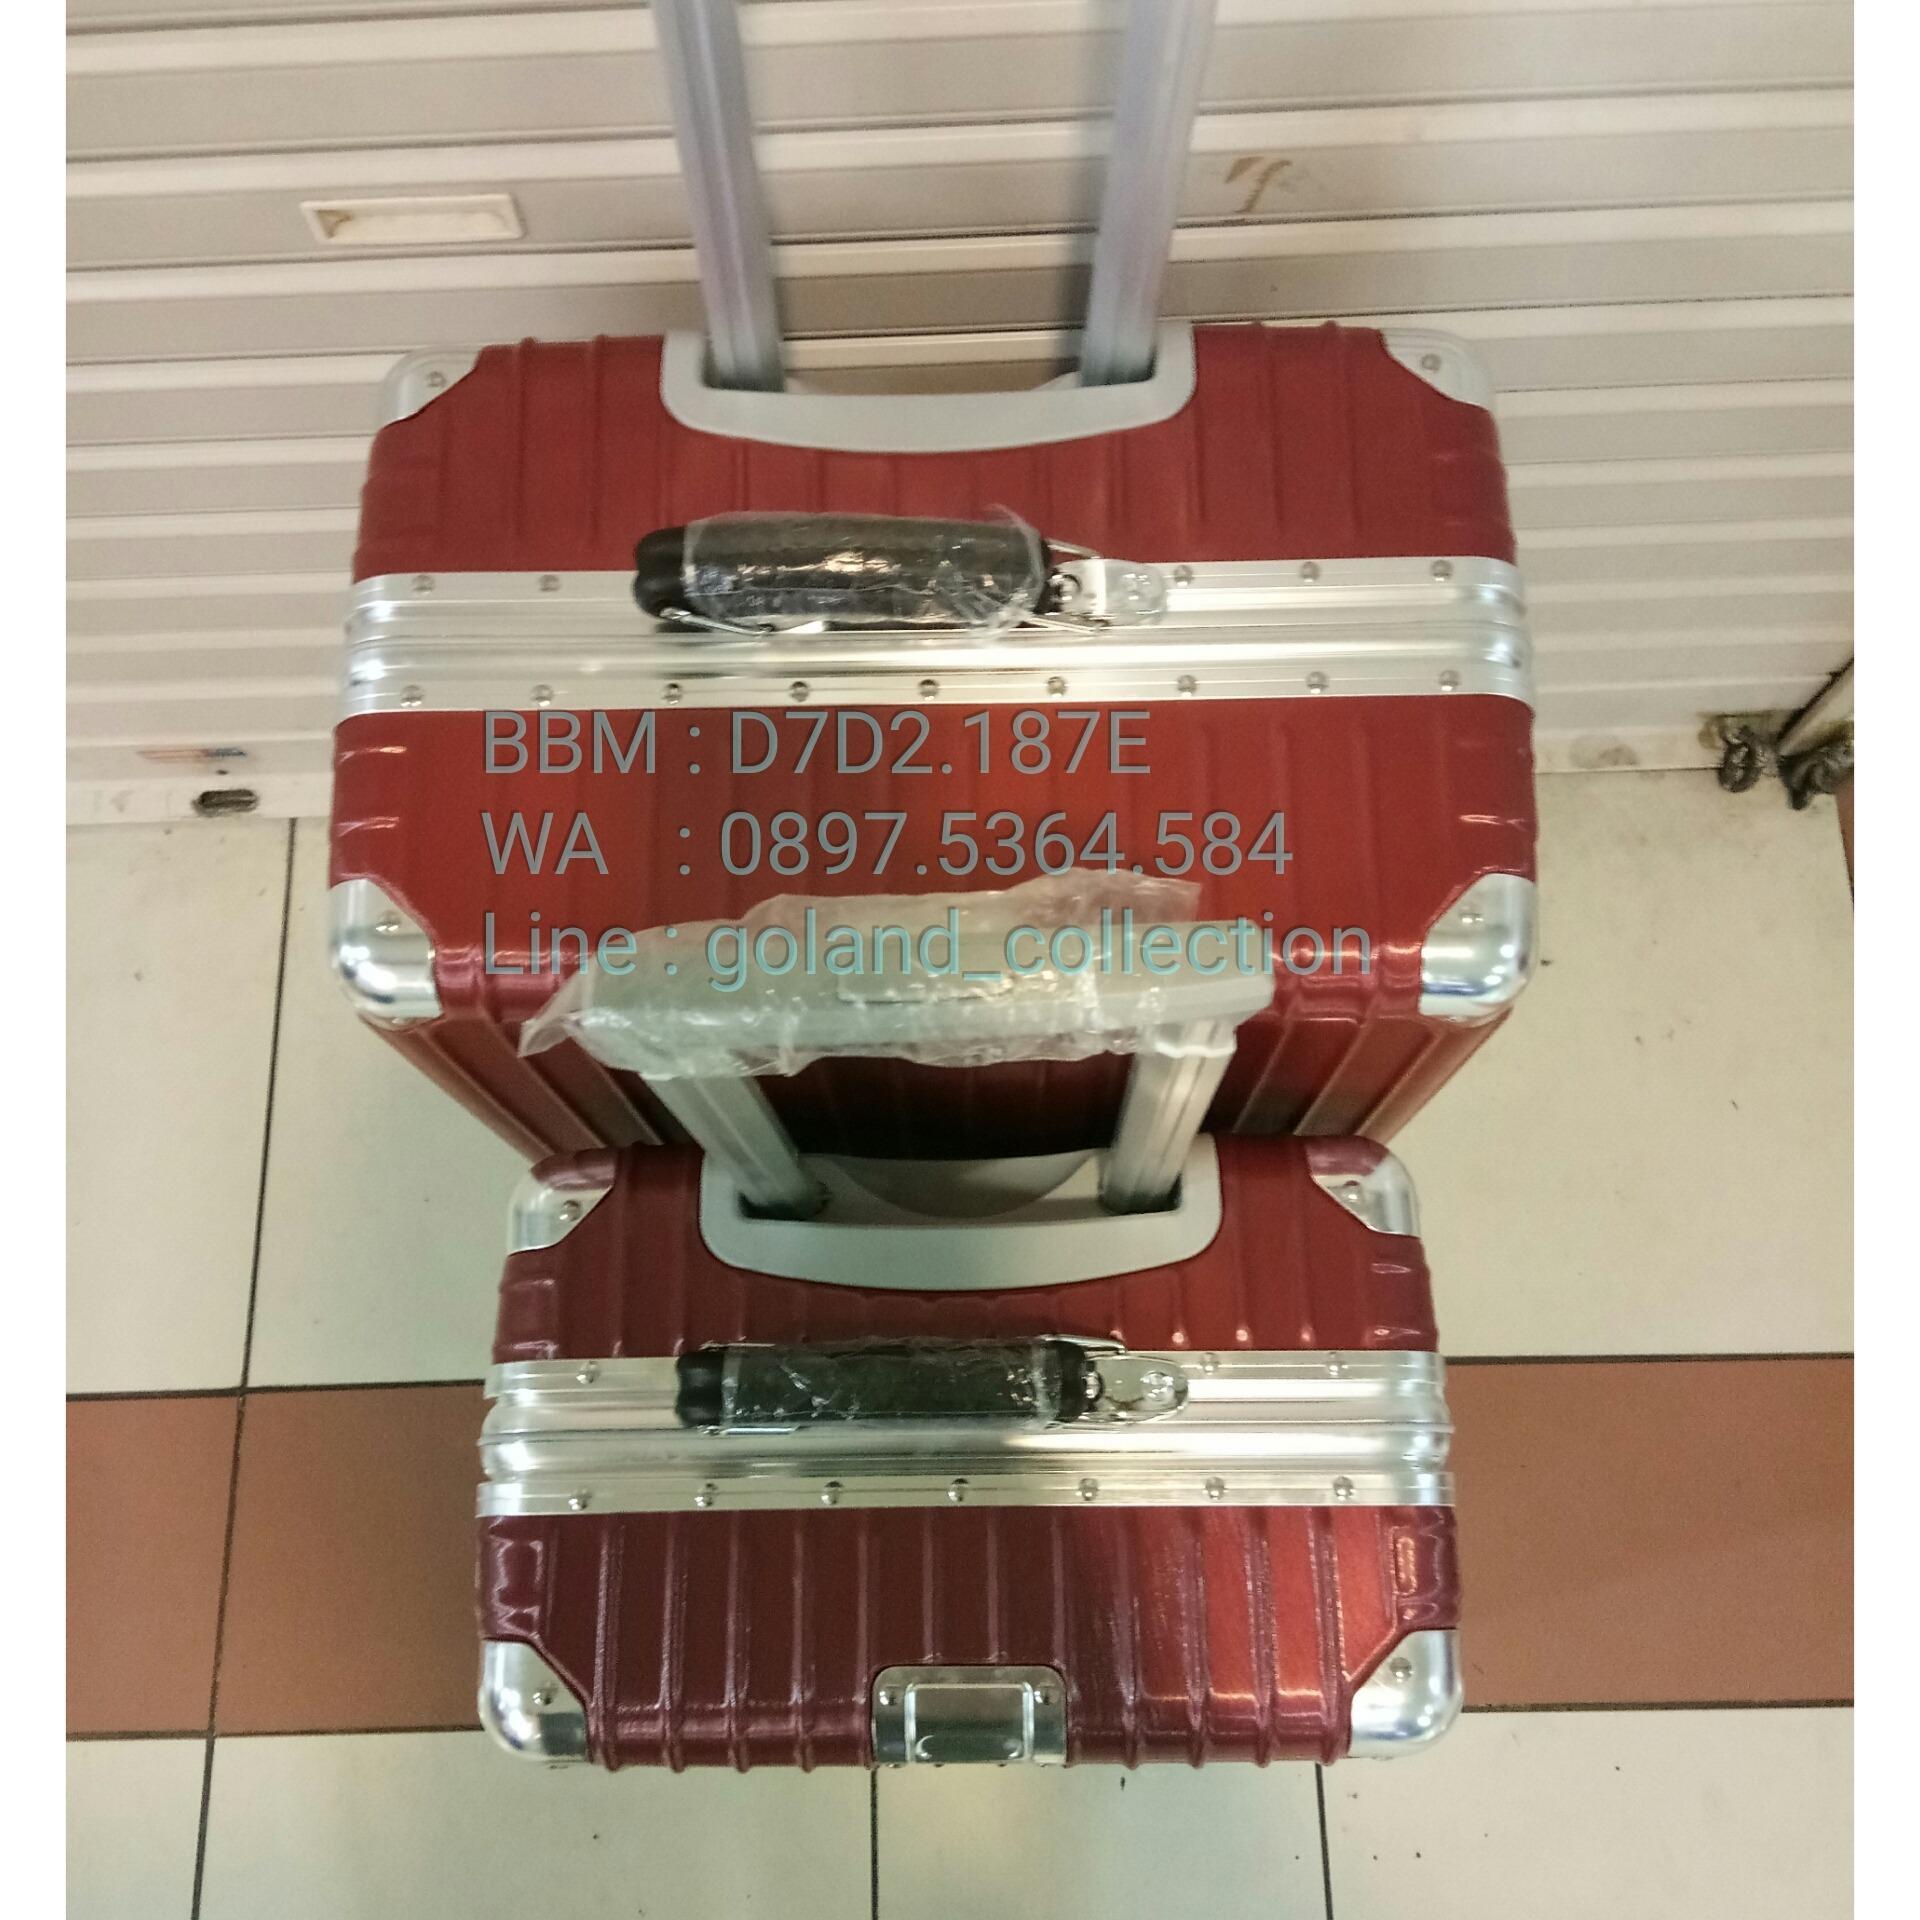 Kelebihan Koper Rimowa Tipe Classic Material Polycarbonate Merah Fiber Uk 24 Hq Ukuran Bagasi Inch 3